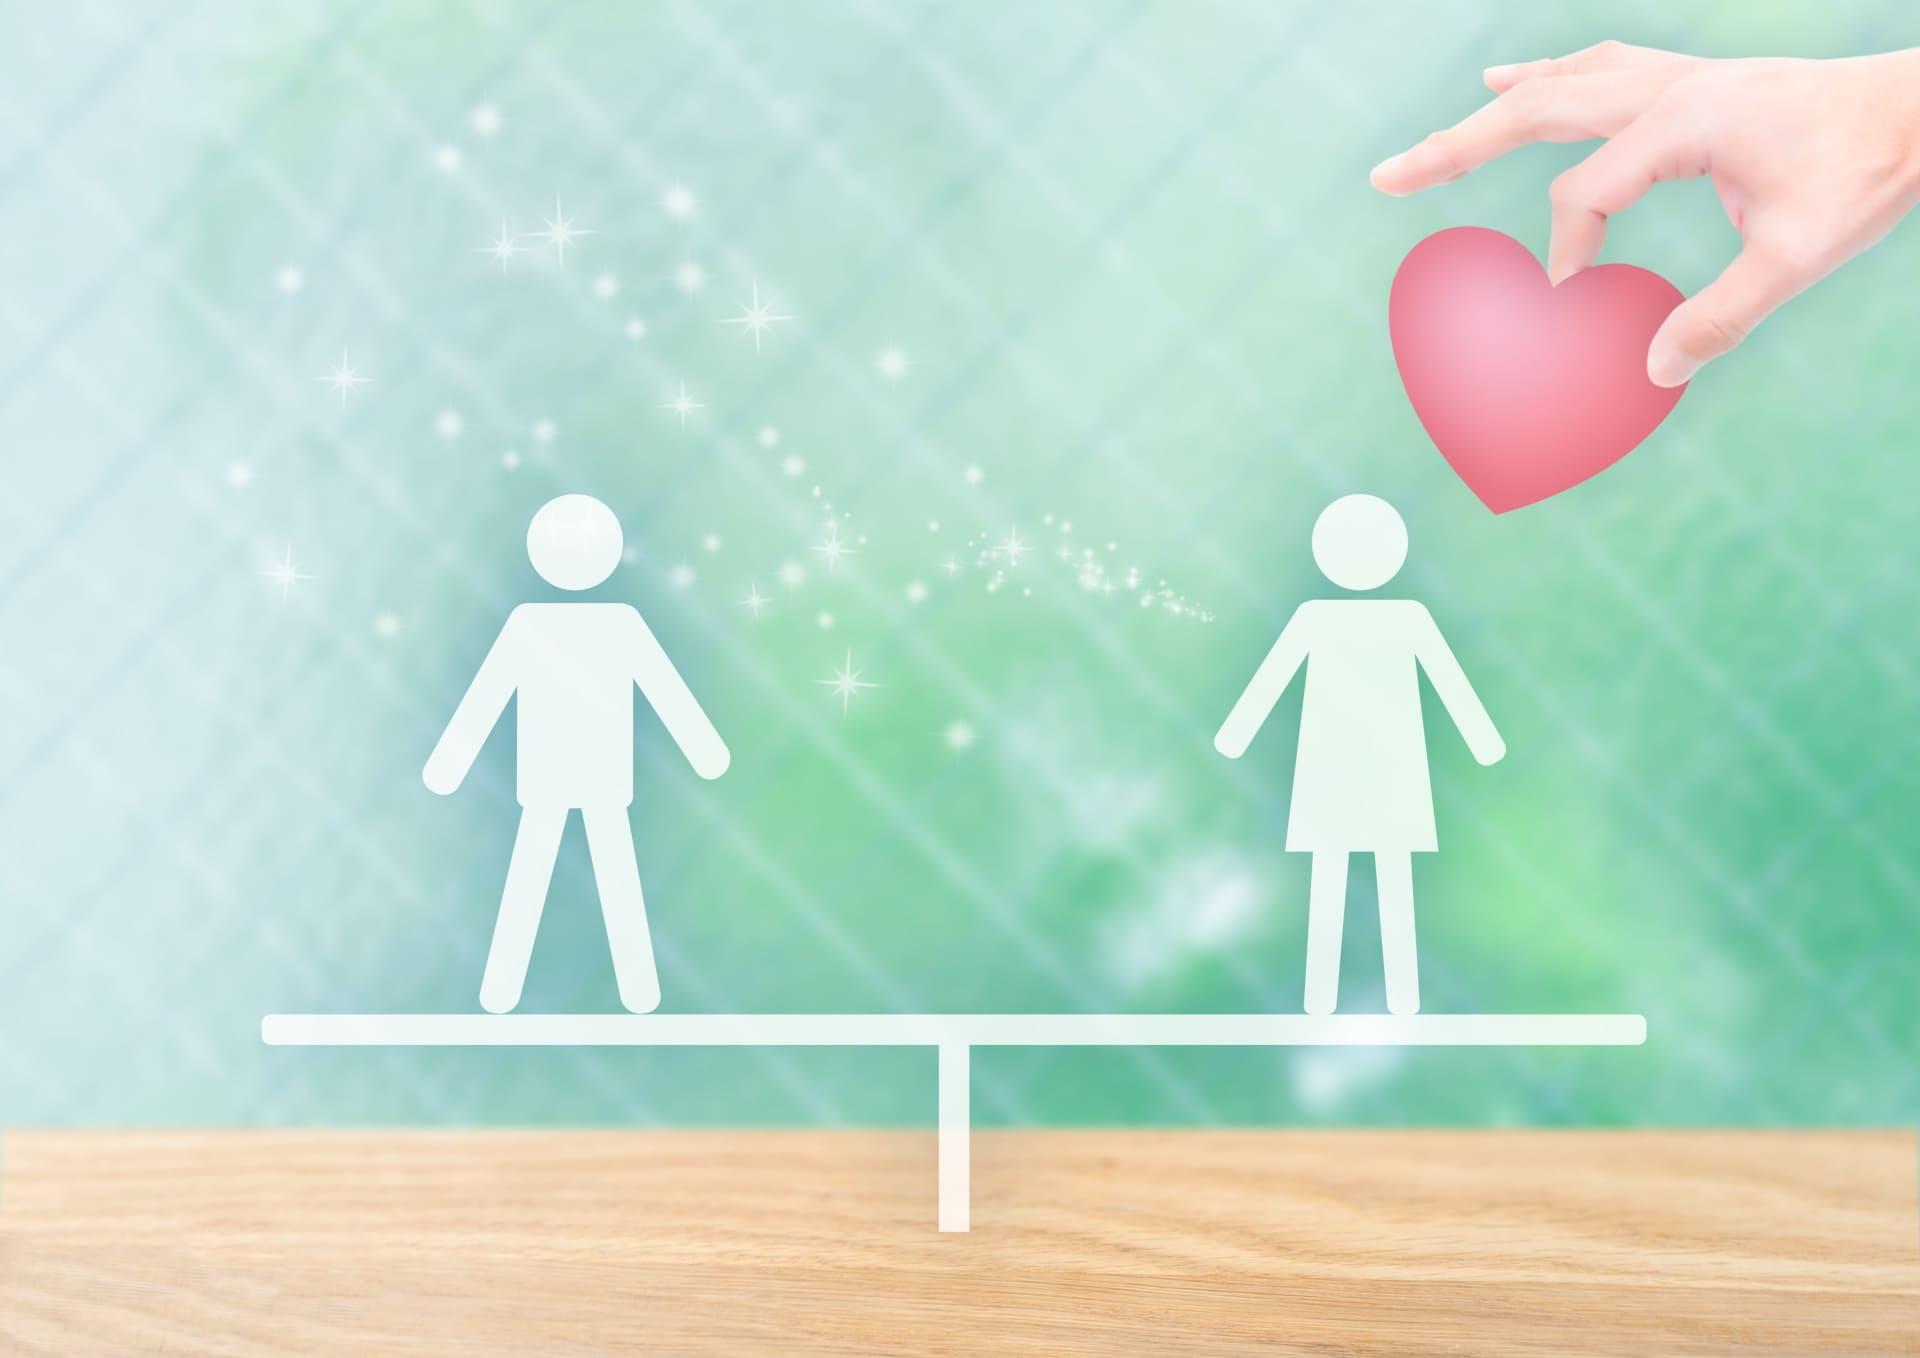 相性占い|無料でわかる!あの人との恋愛相性、恋人になれる確率